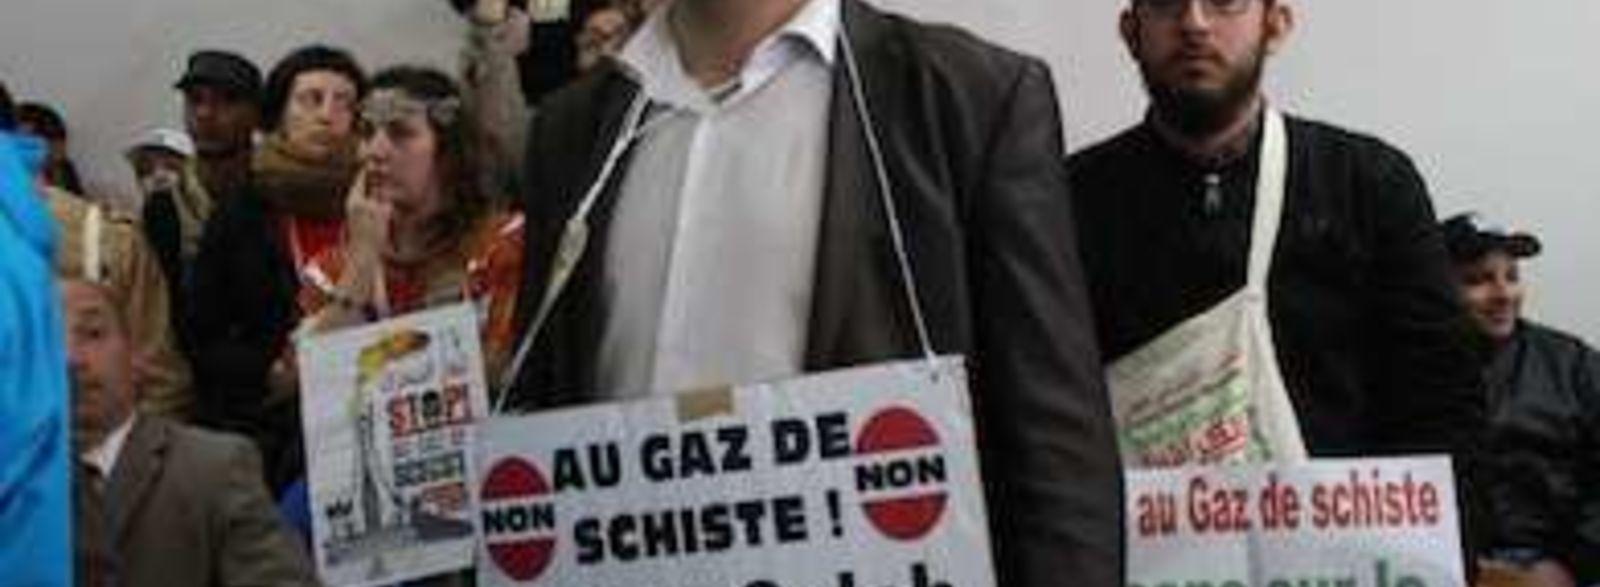 Les deux Algérie du gaz de schiste